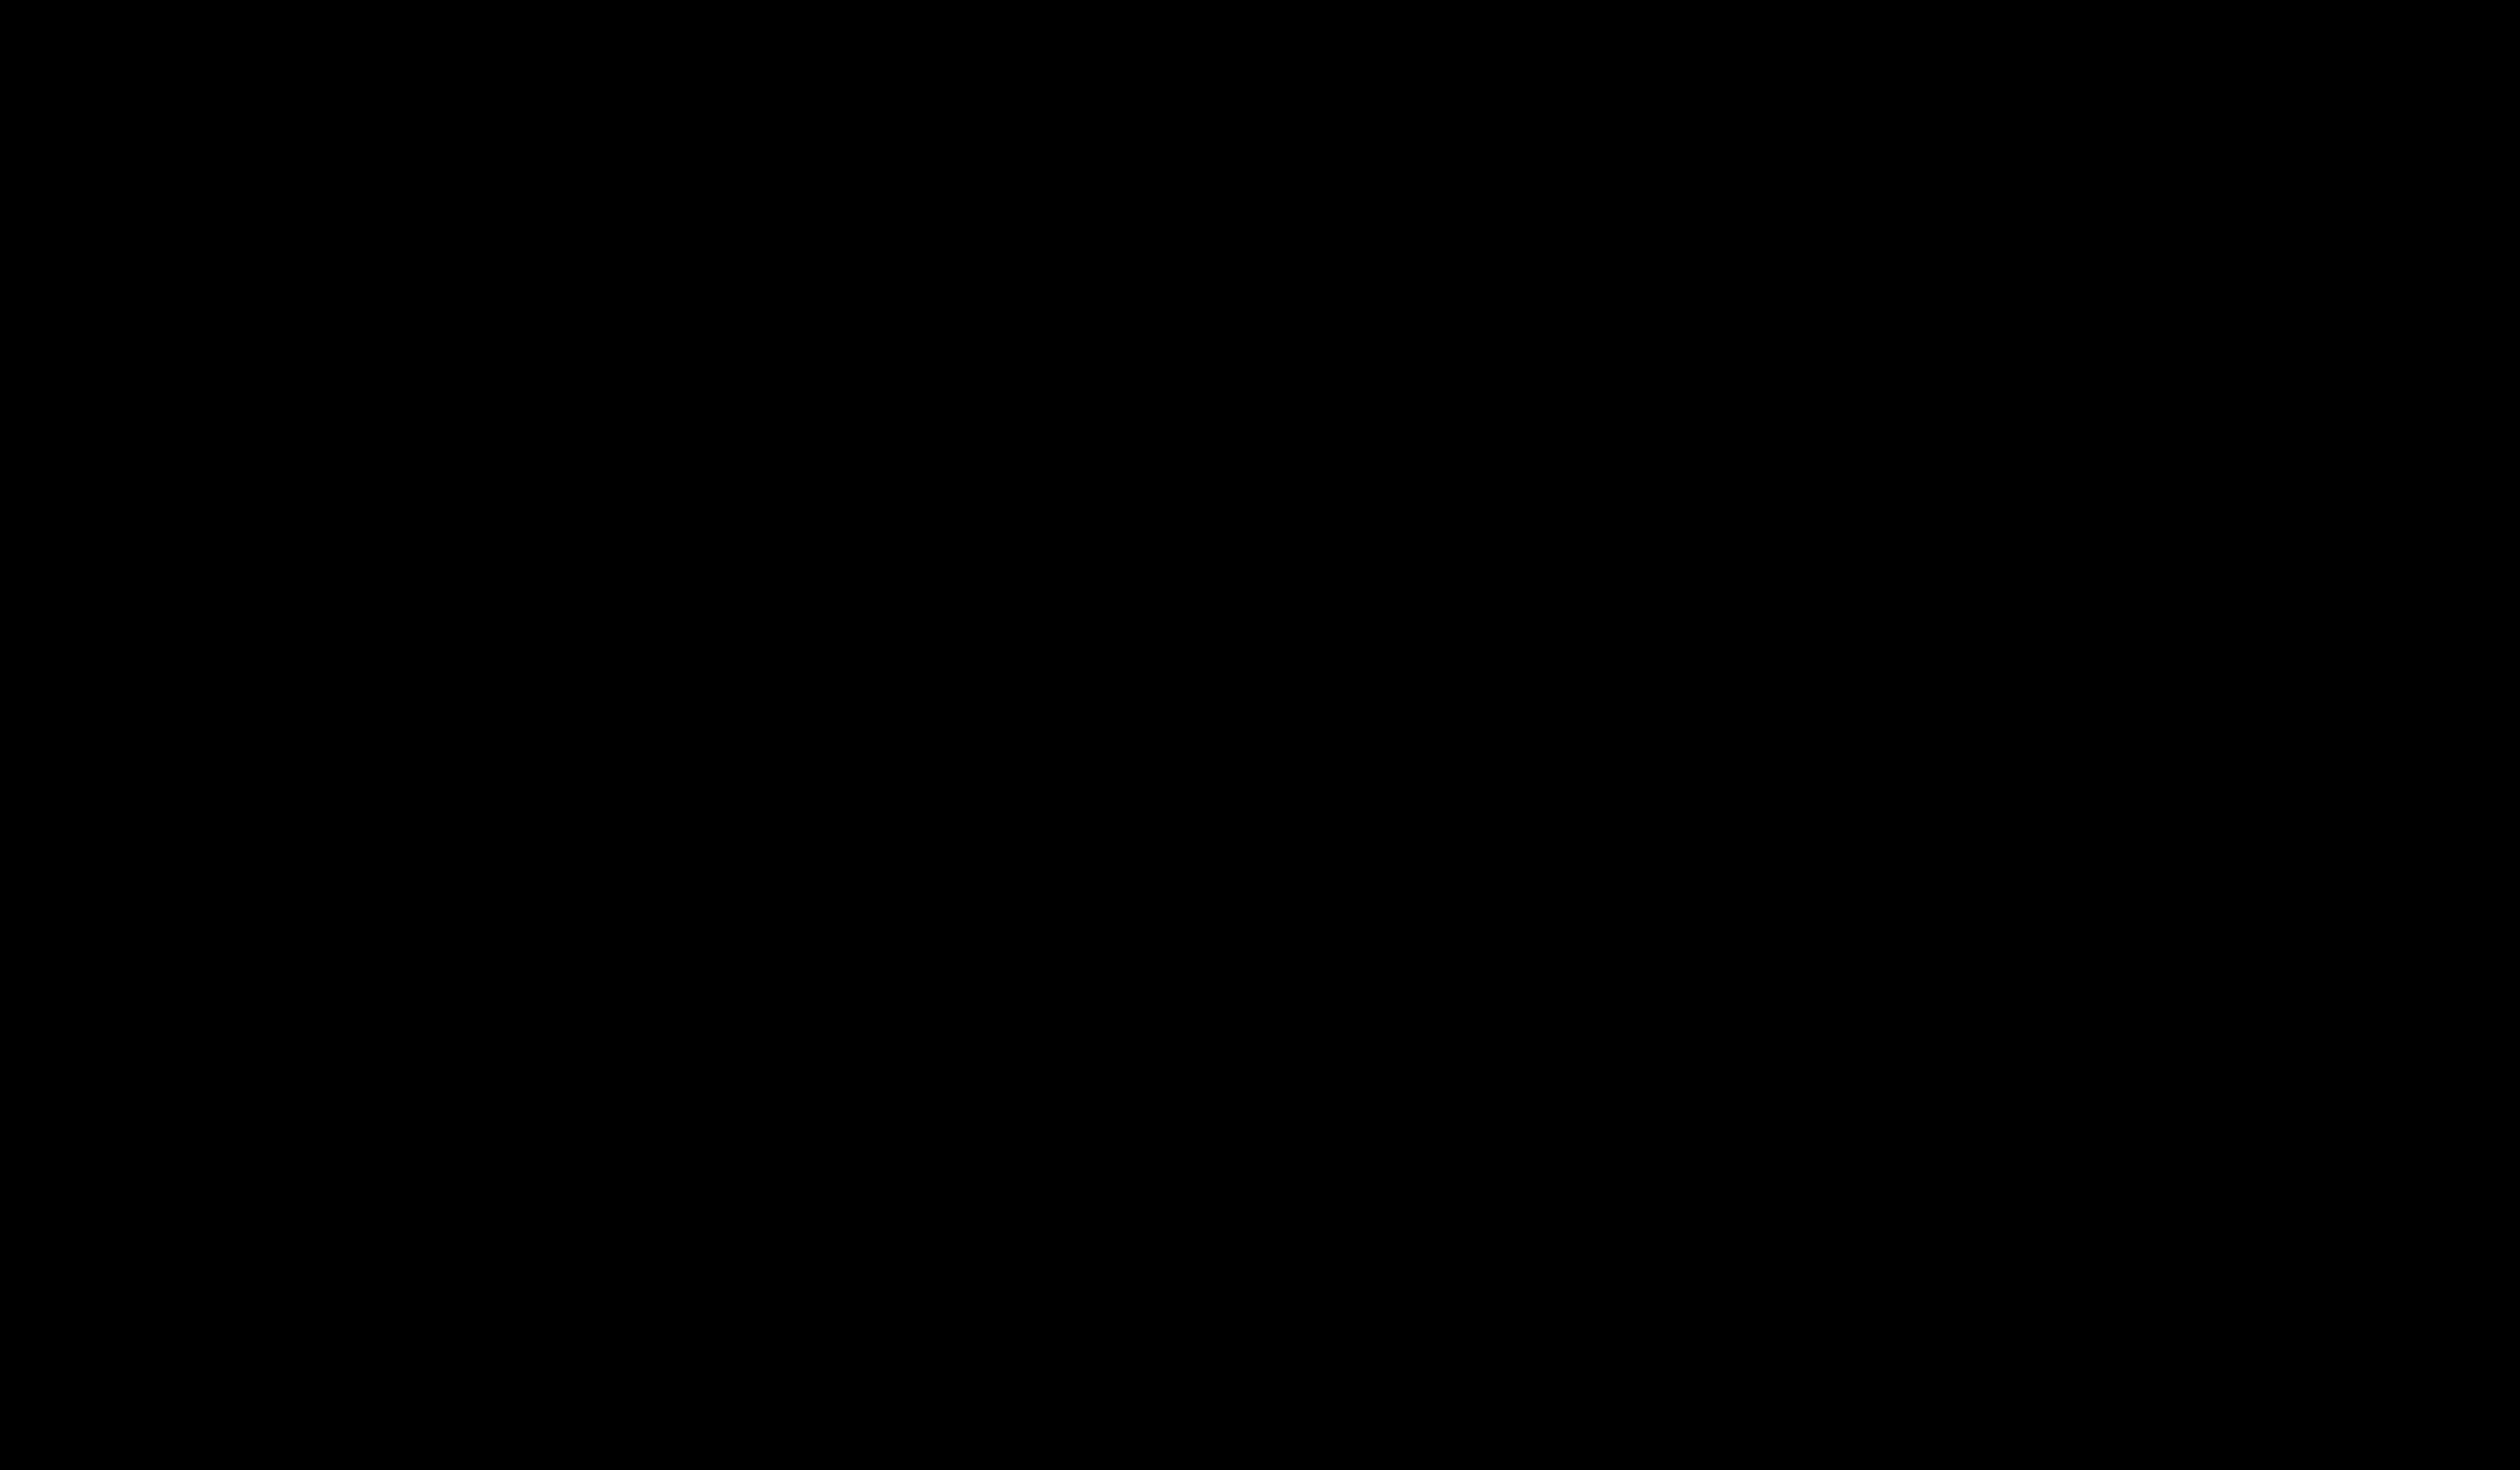 full black background